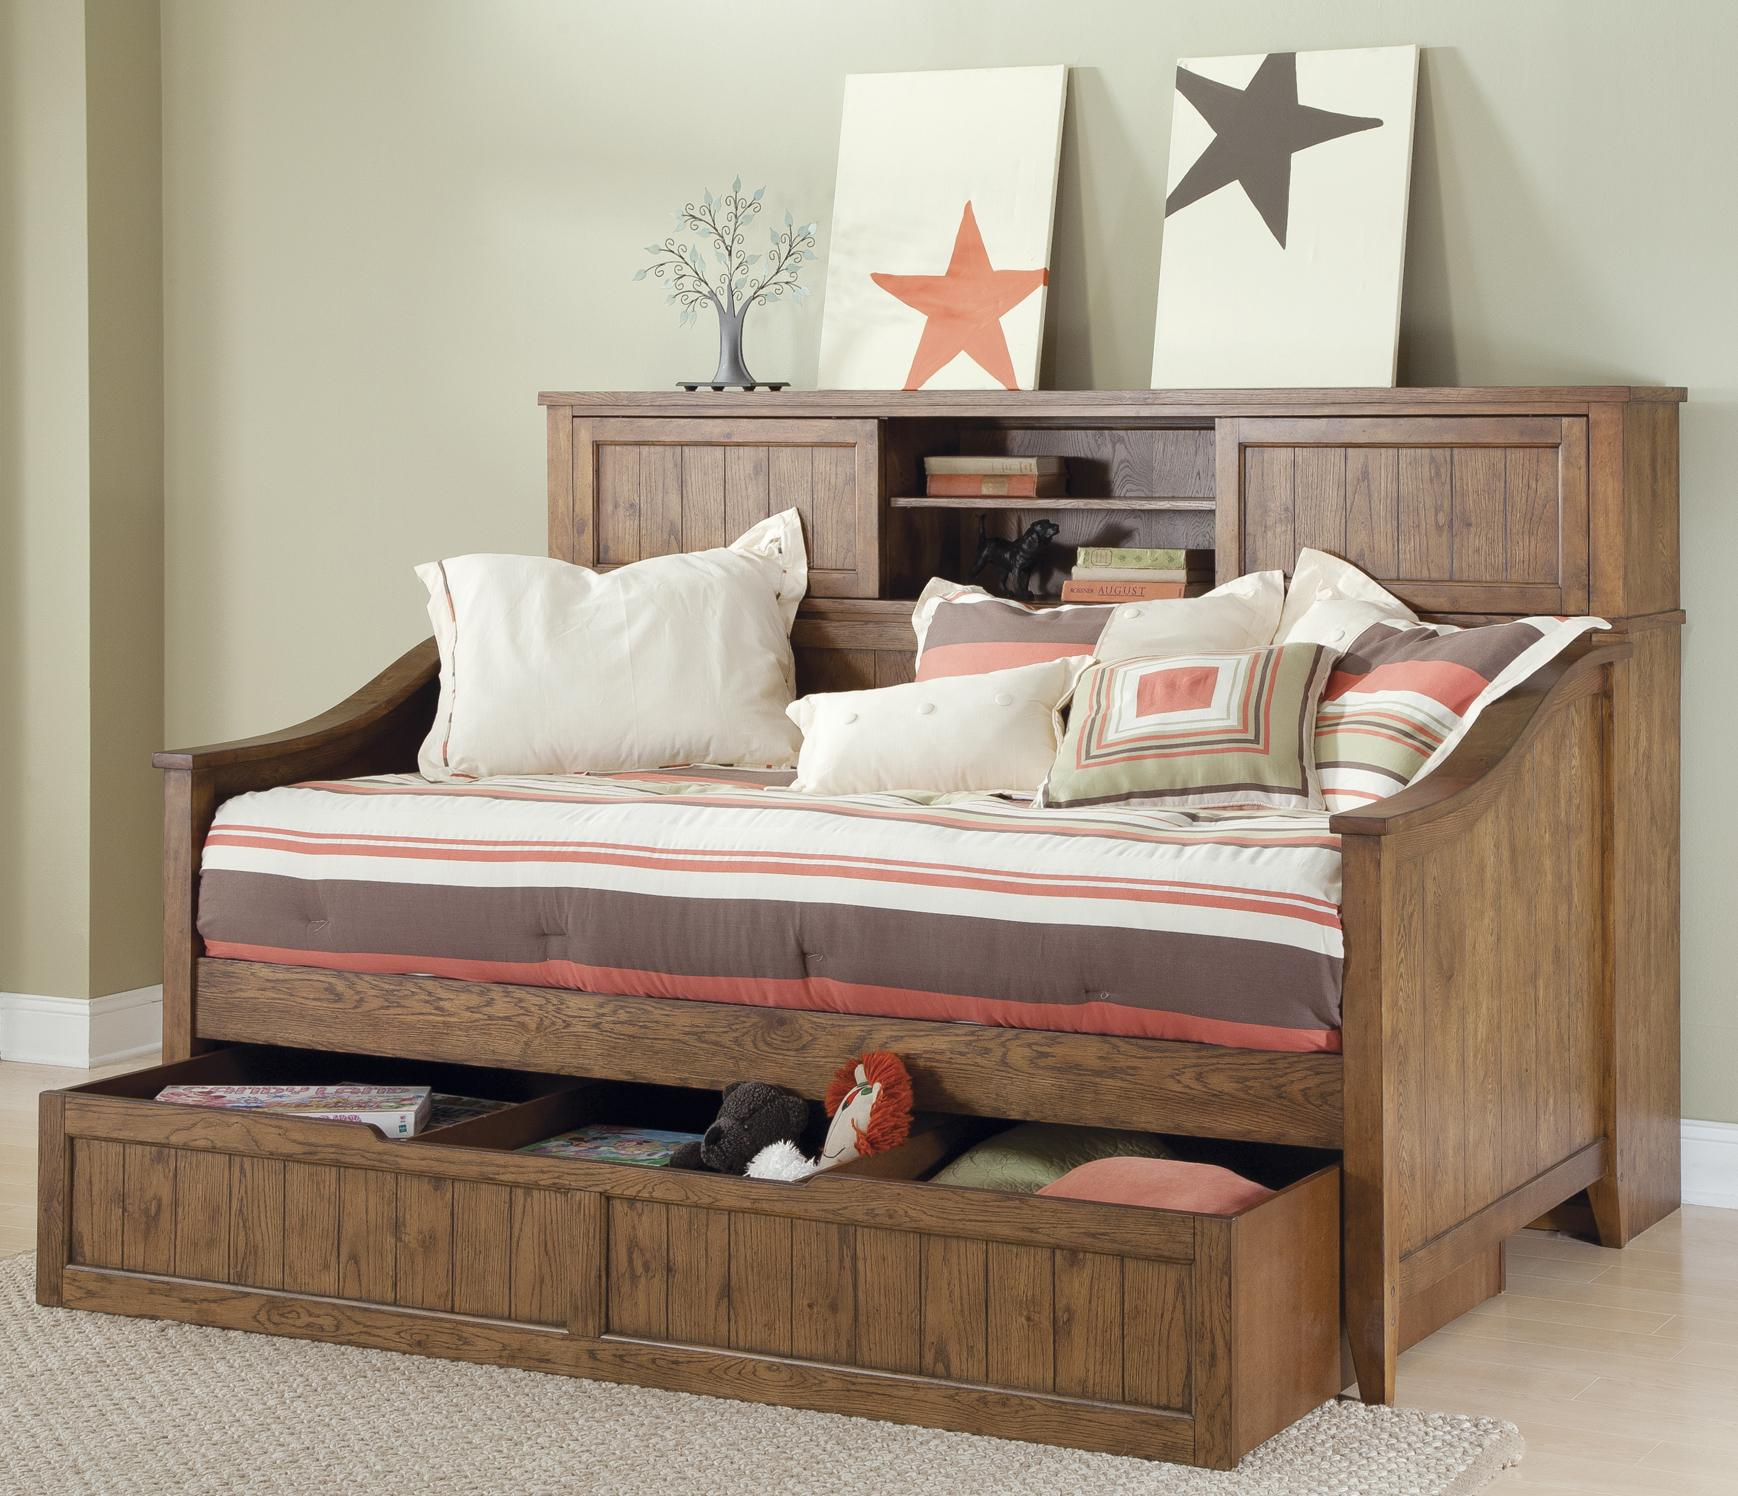 Кровать диван с полкой